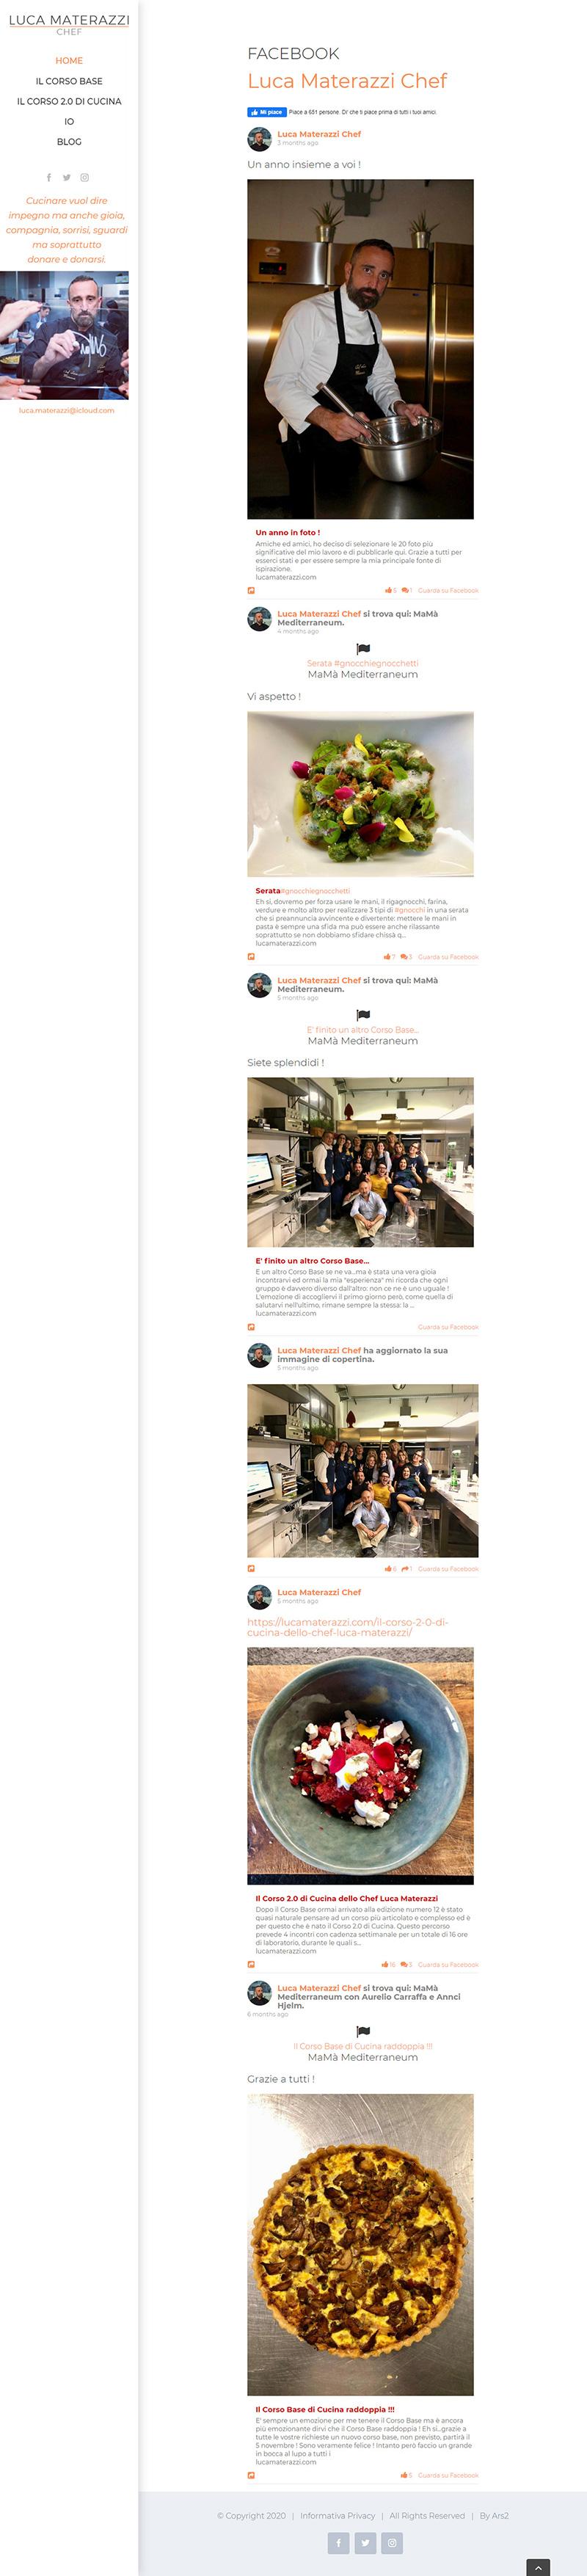 lucamaterazzi.com - portfolio sito arsdue